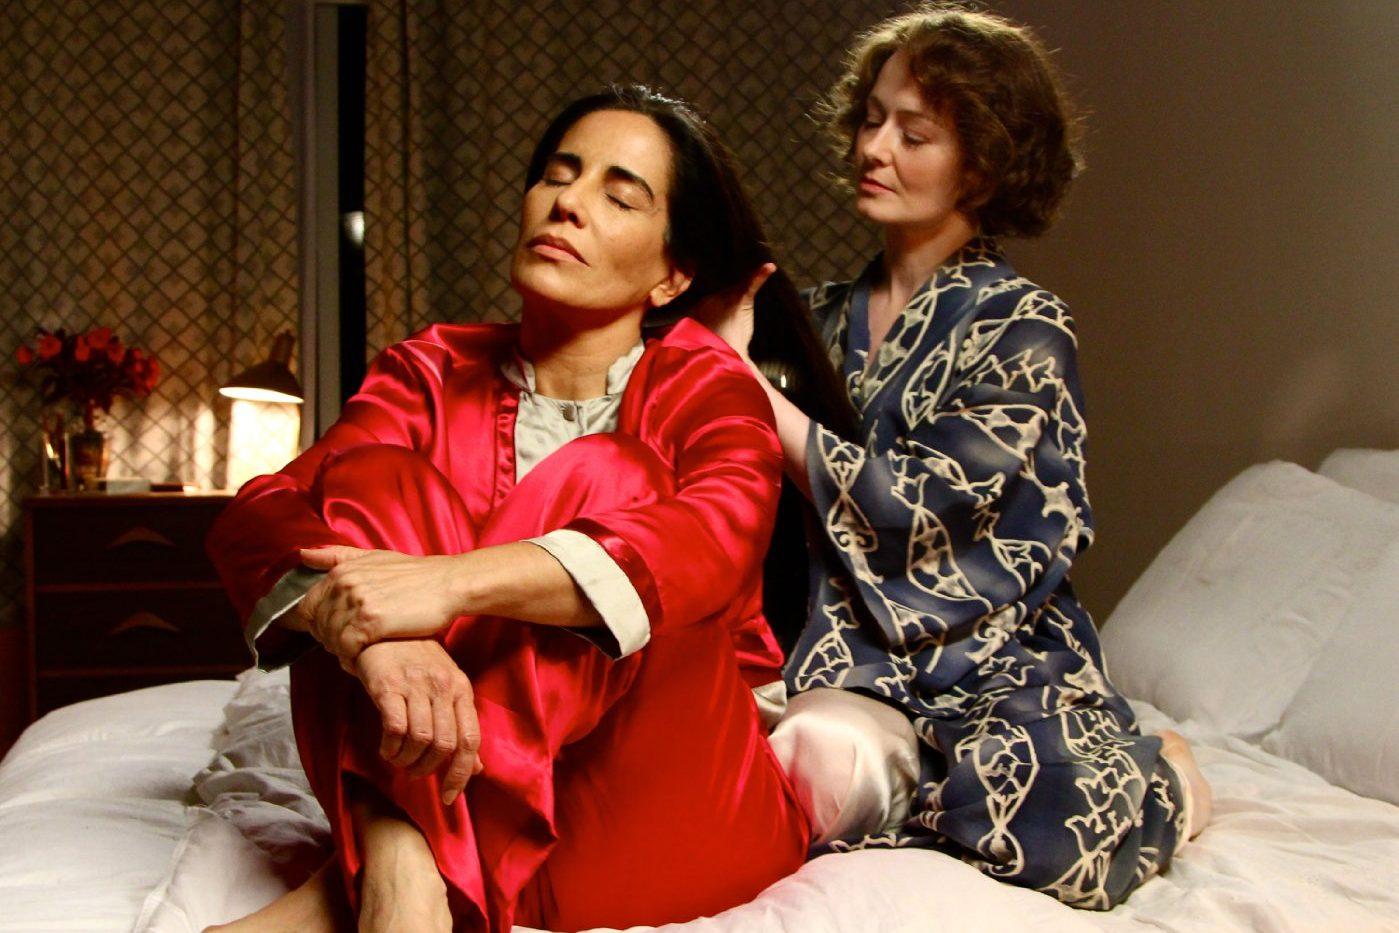 Filmes e séries LGBT na Netflix: Flores raras